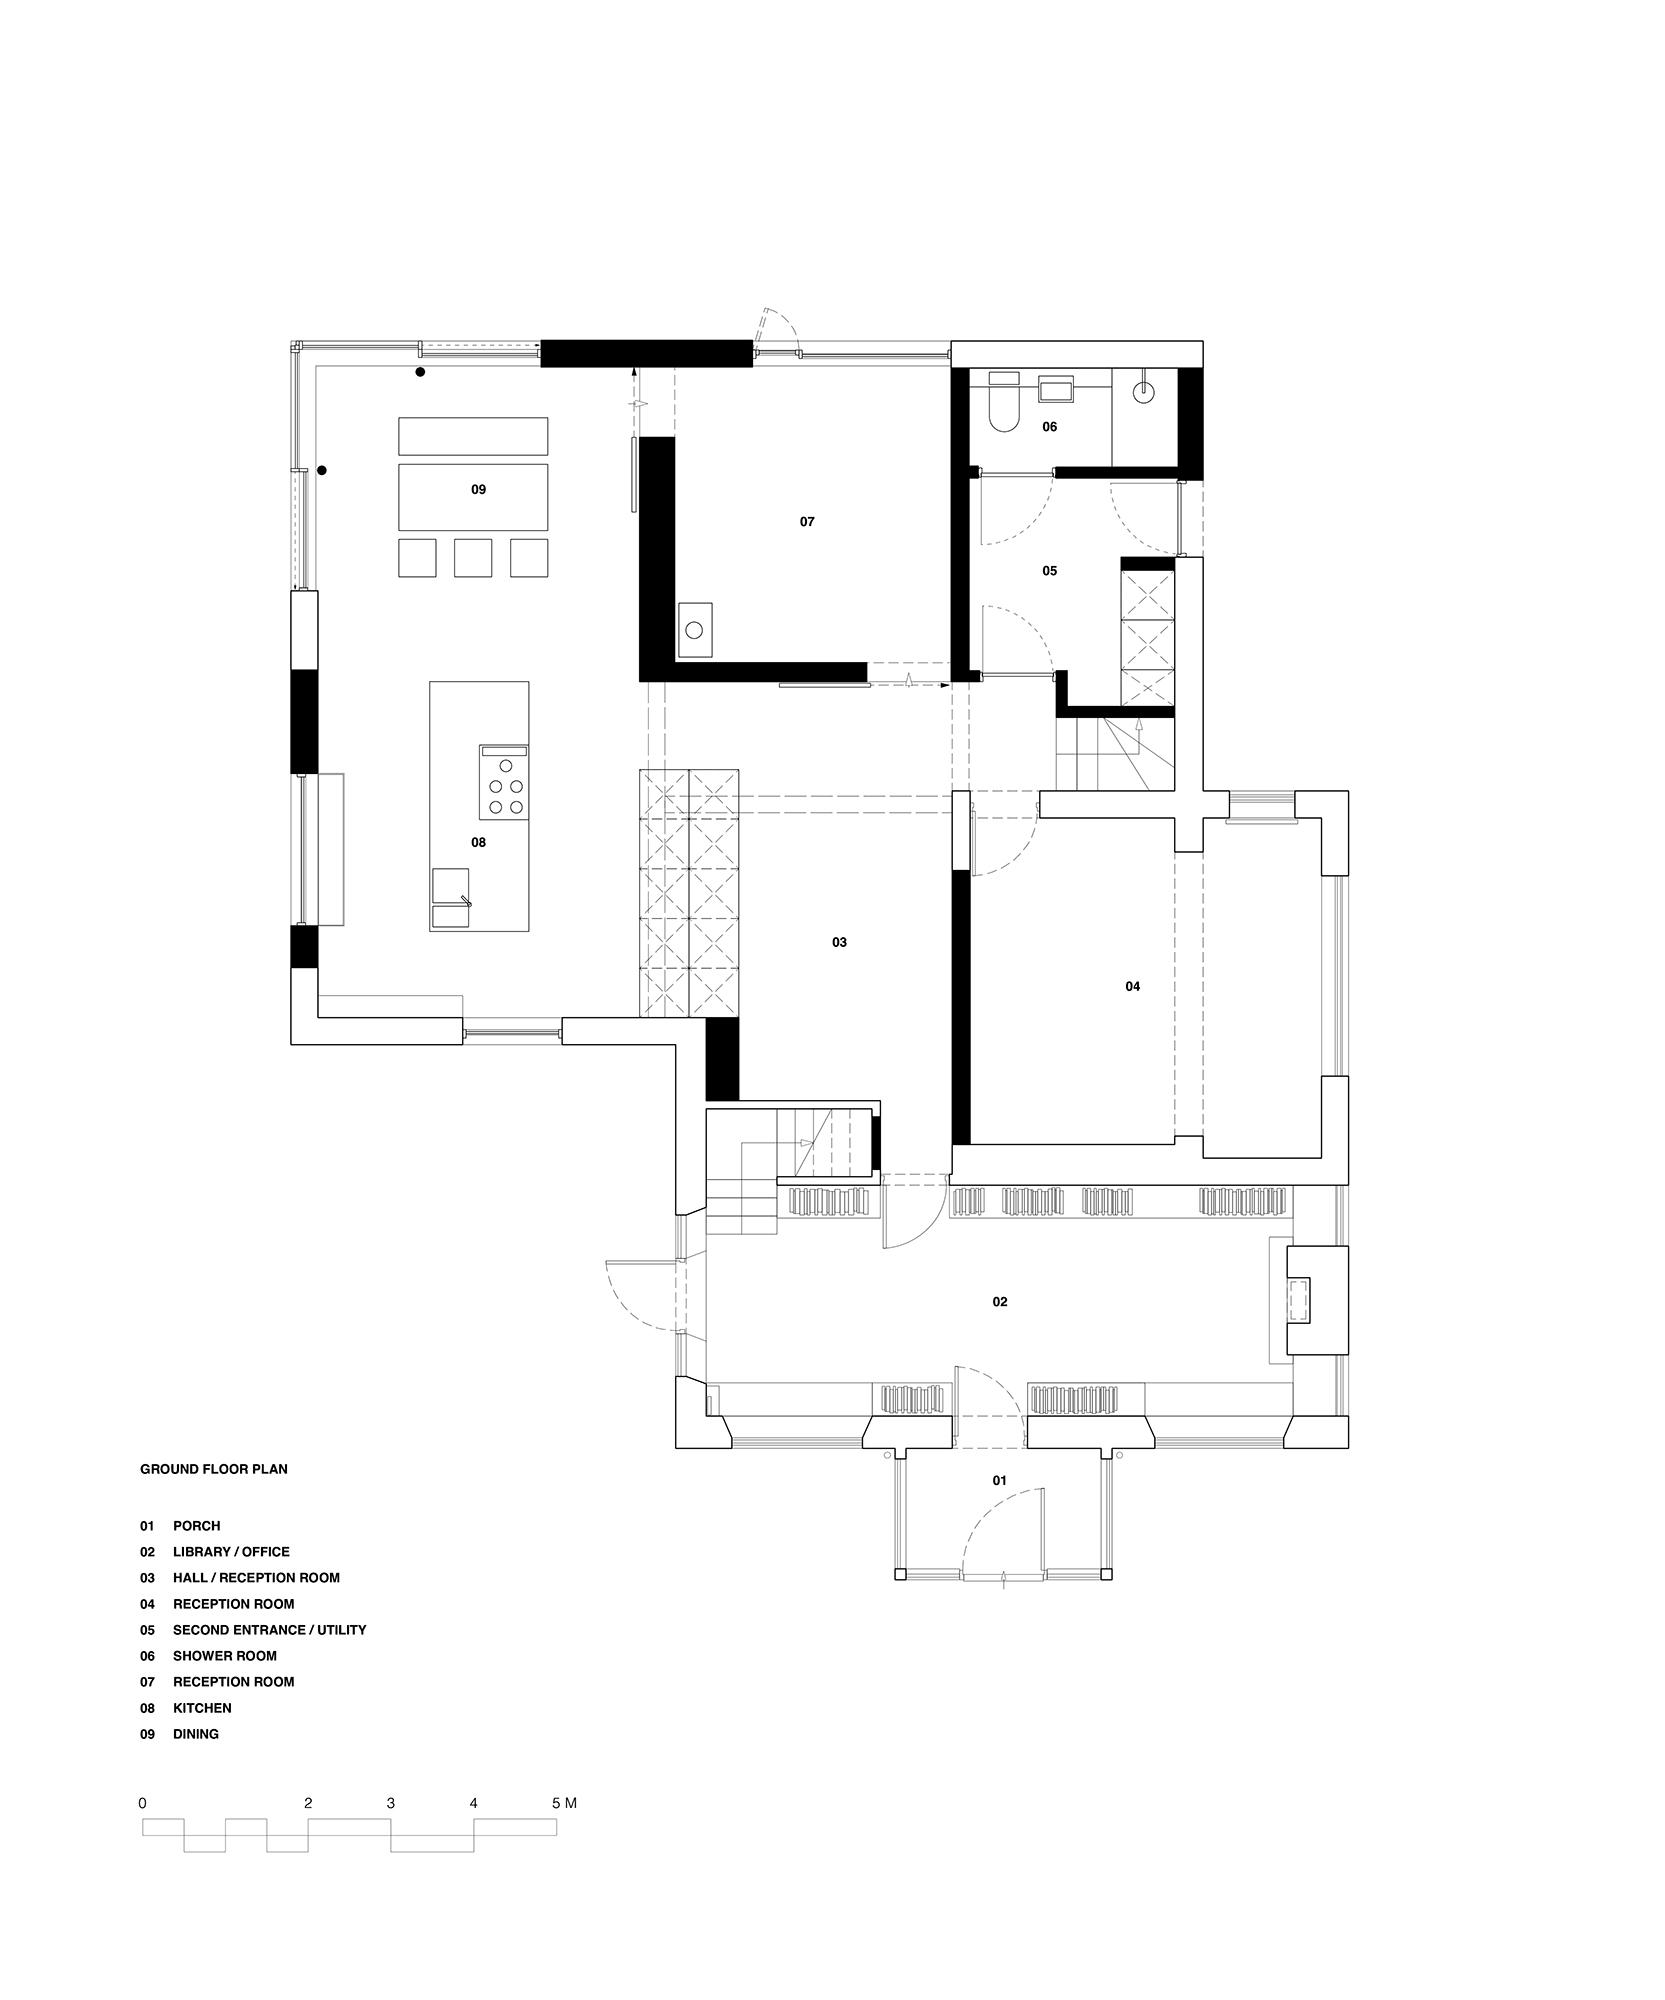 Paul Cashin Architects / Island Cottage, Sidlesham Quay, Hampshire